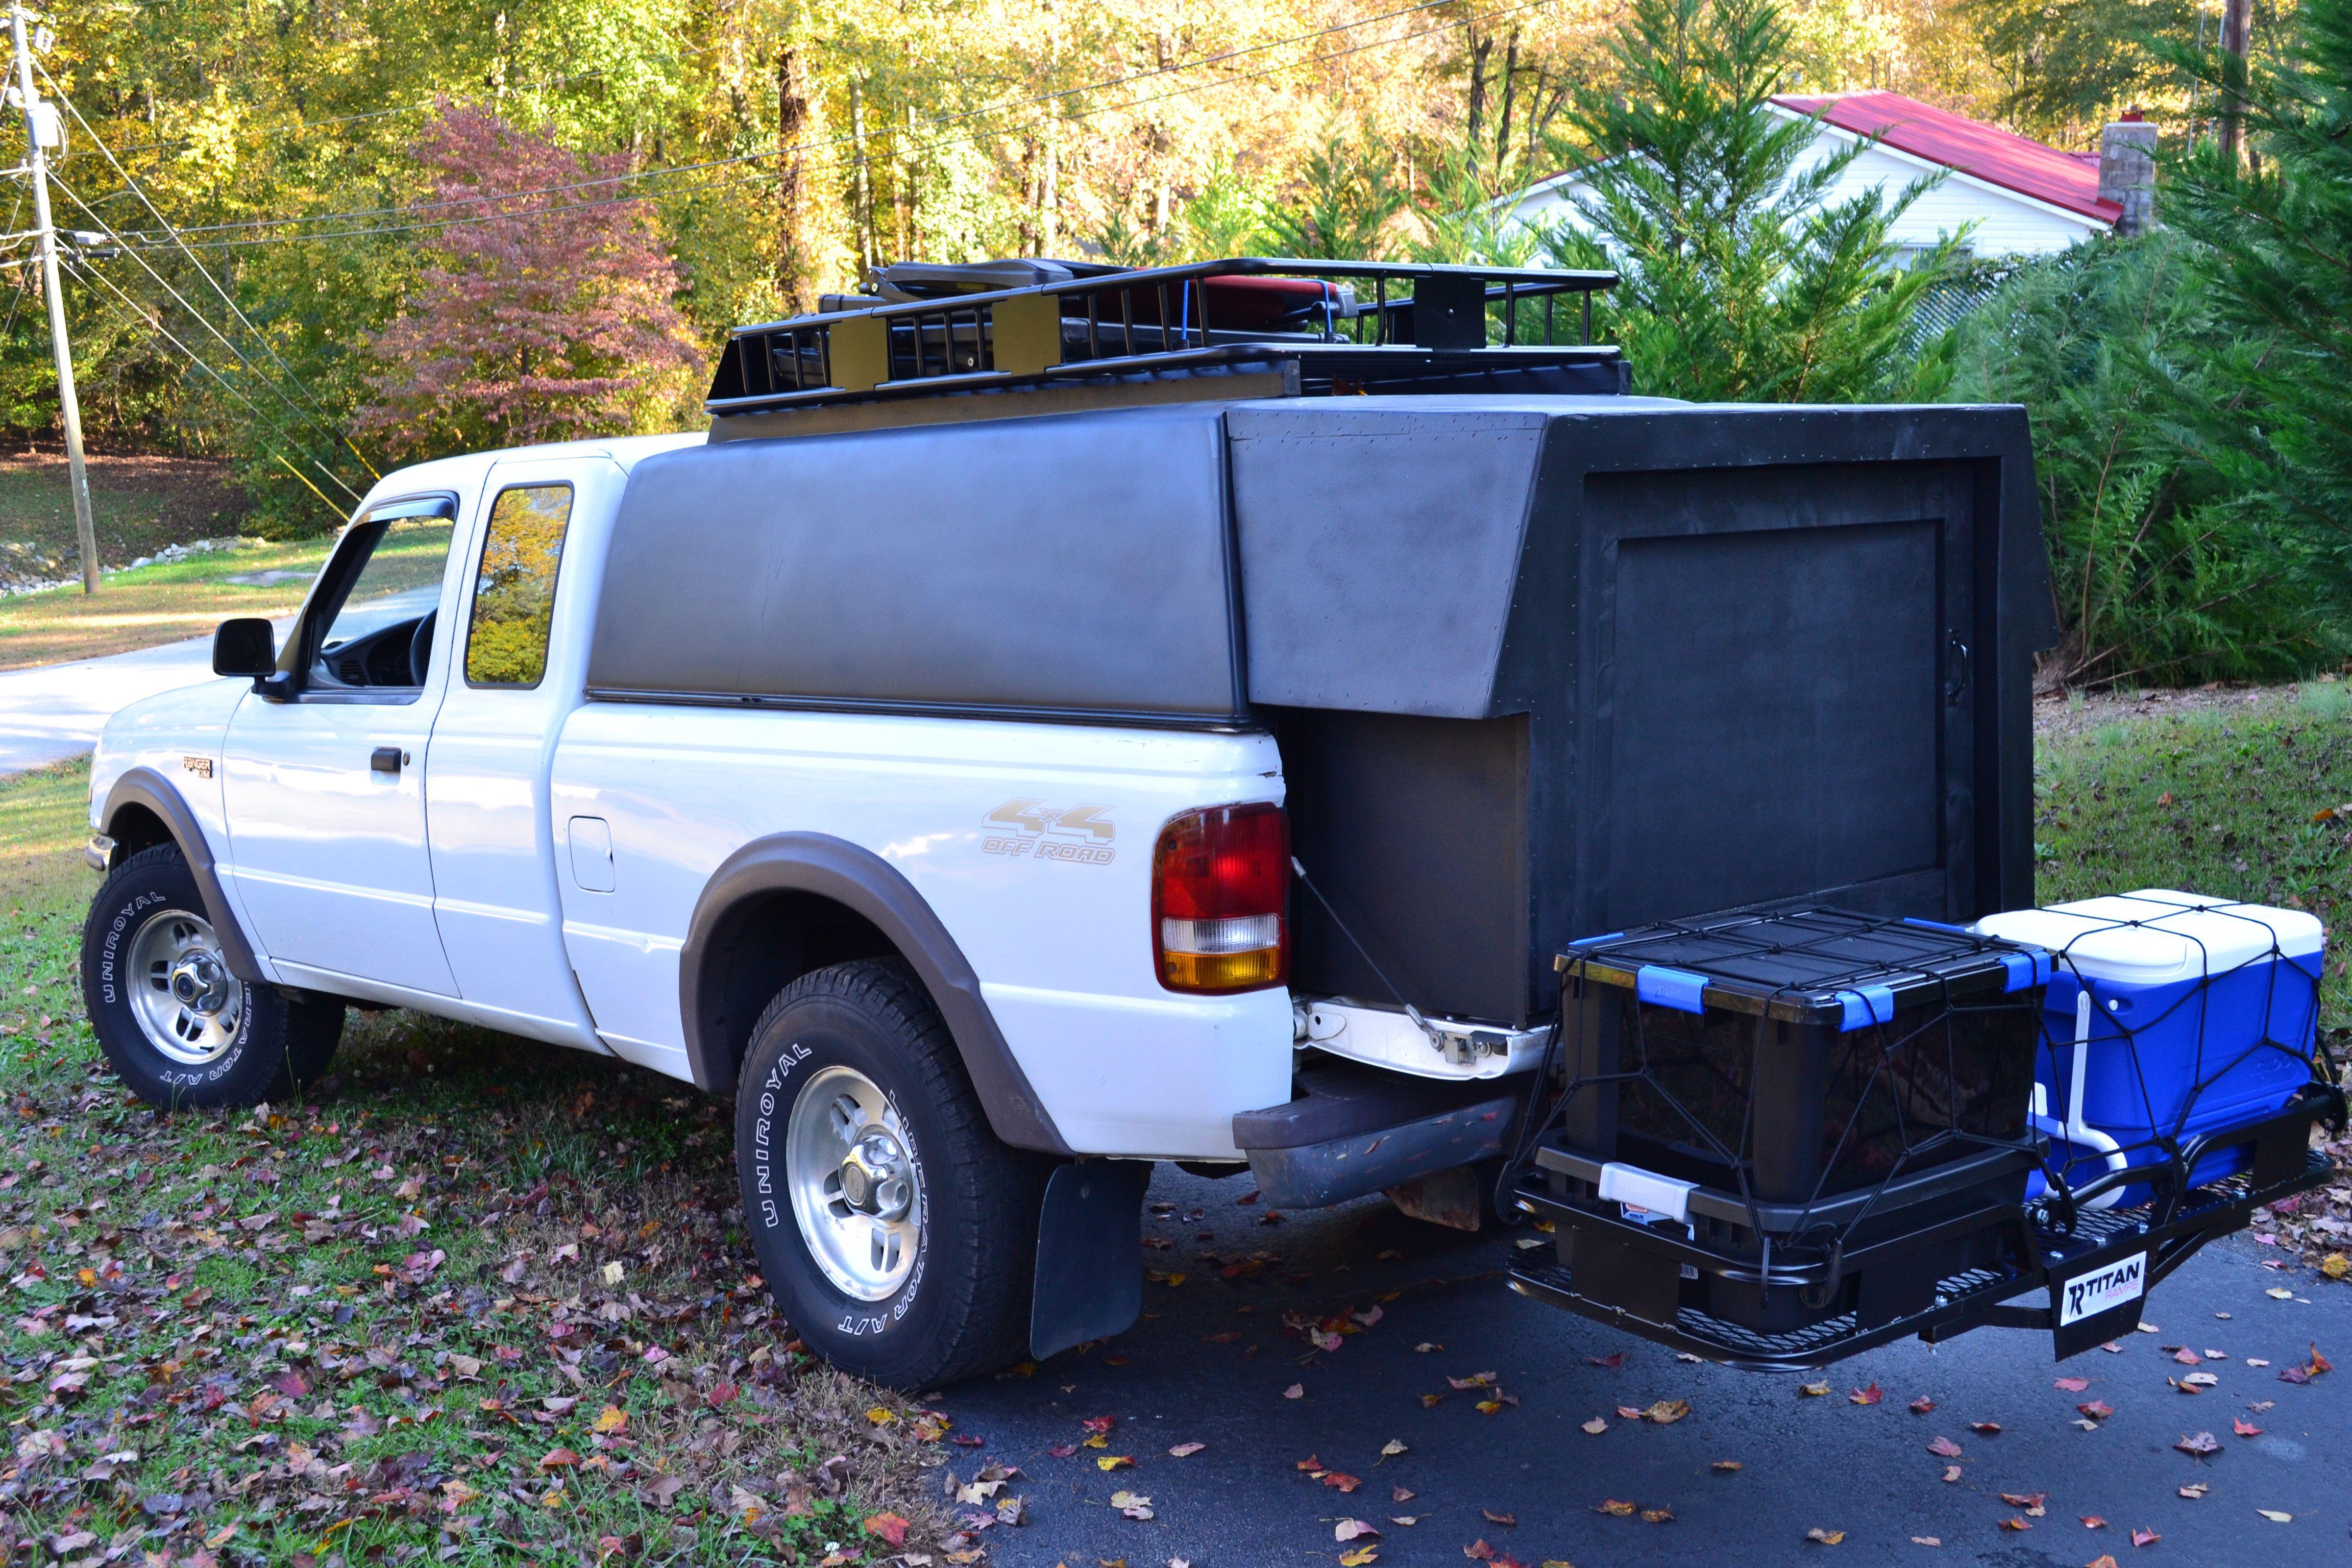 1997 Ford Ranger Homemade Camper Shell Extension Ford Ranger